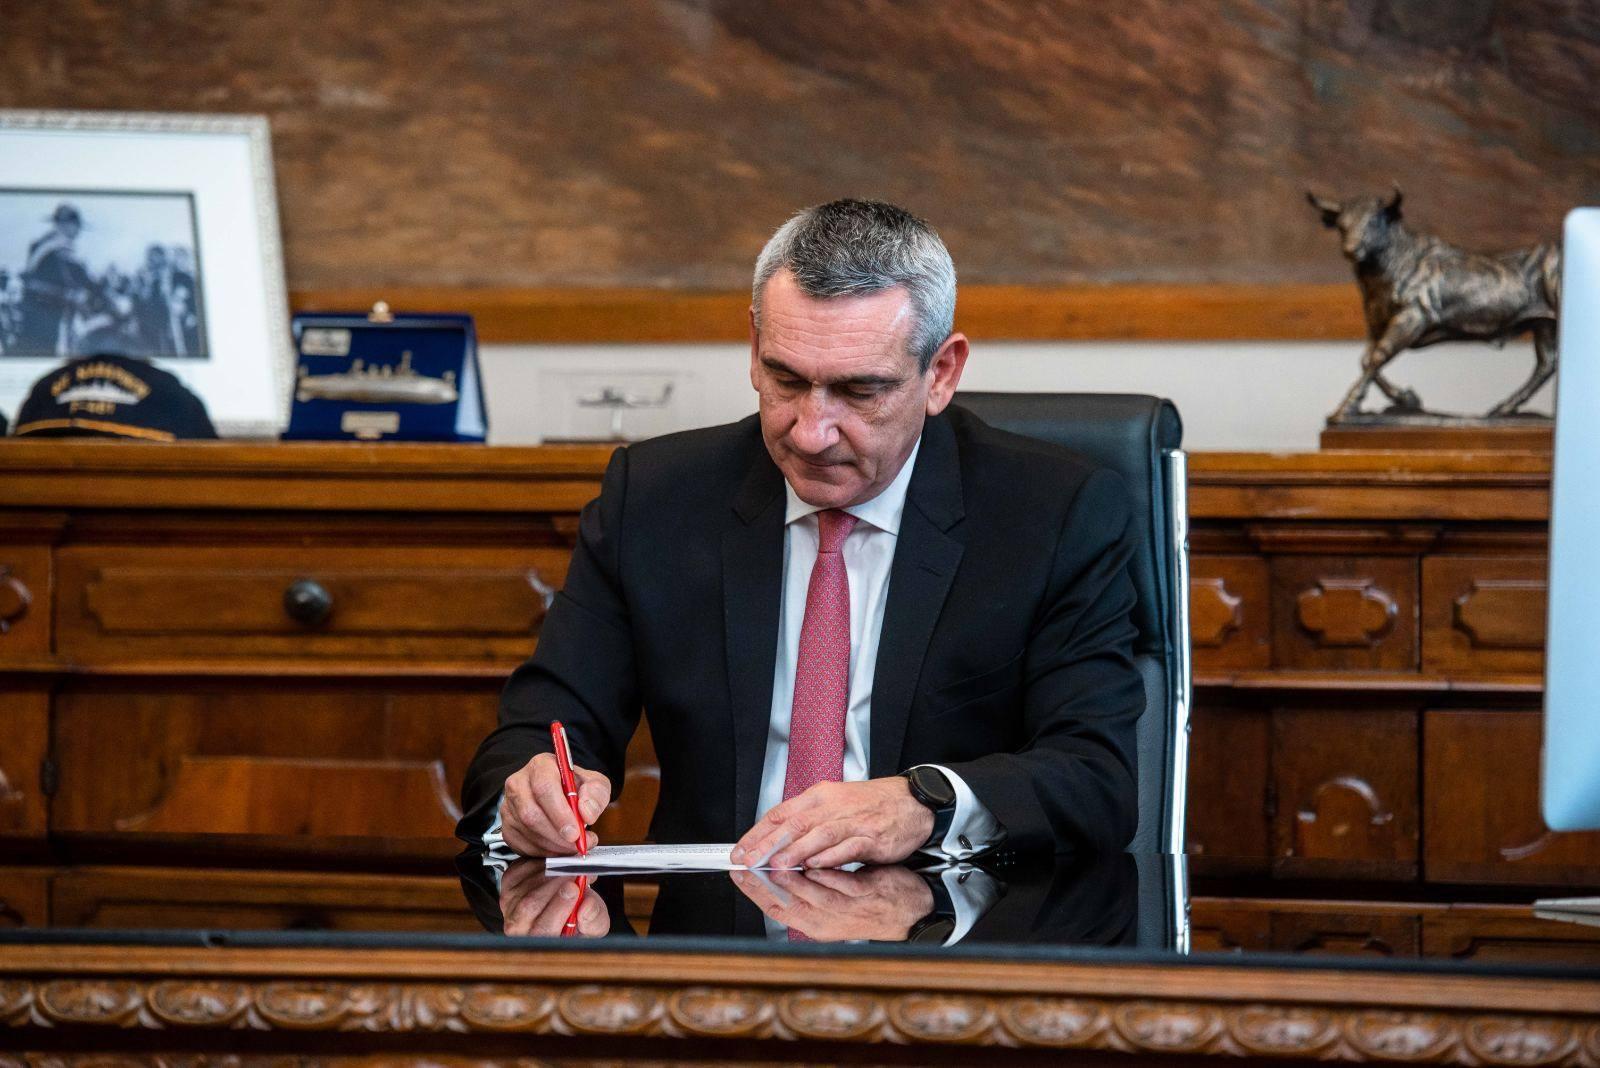 Με 400.000 ευρώ, η Περιφέρεια χρηματοδοτεί την αποκατάσταση στίβου και τον  ηλεκτροφωτισμό του νέου σταδίου Ανταγόρα στην Κω